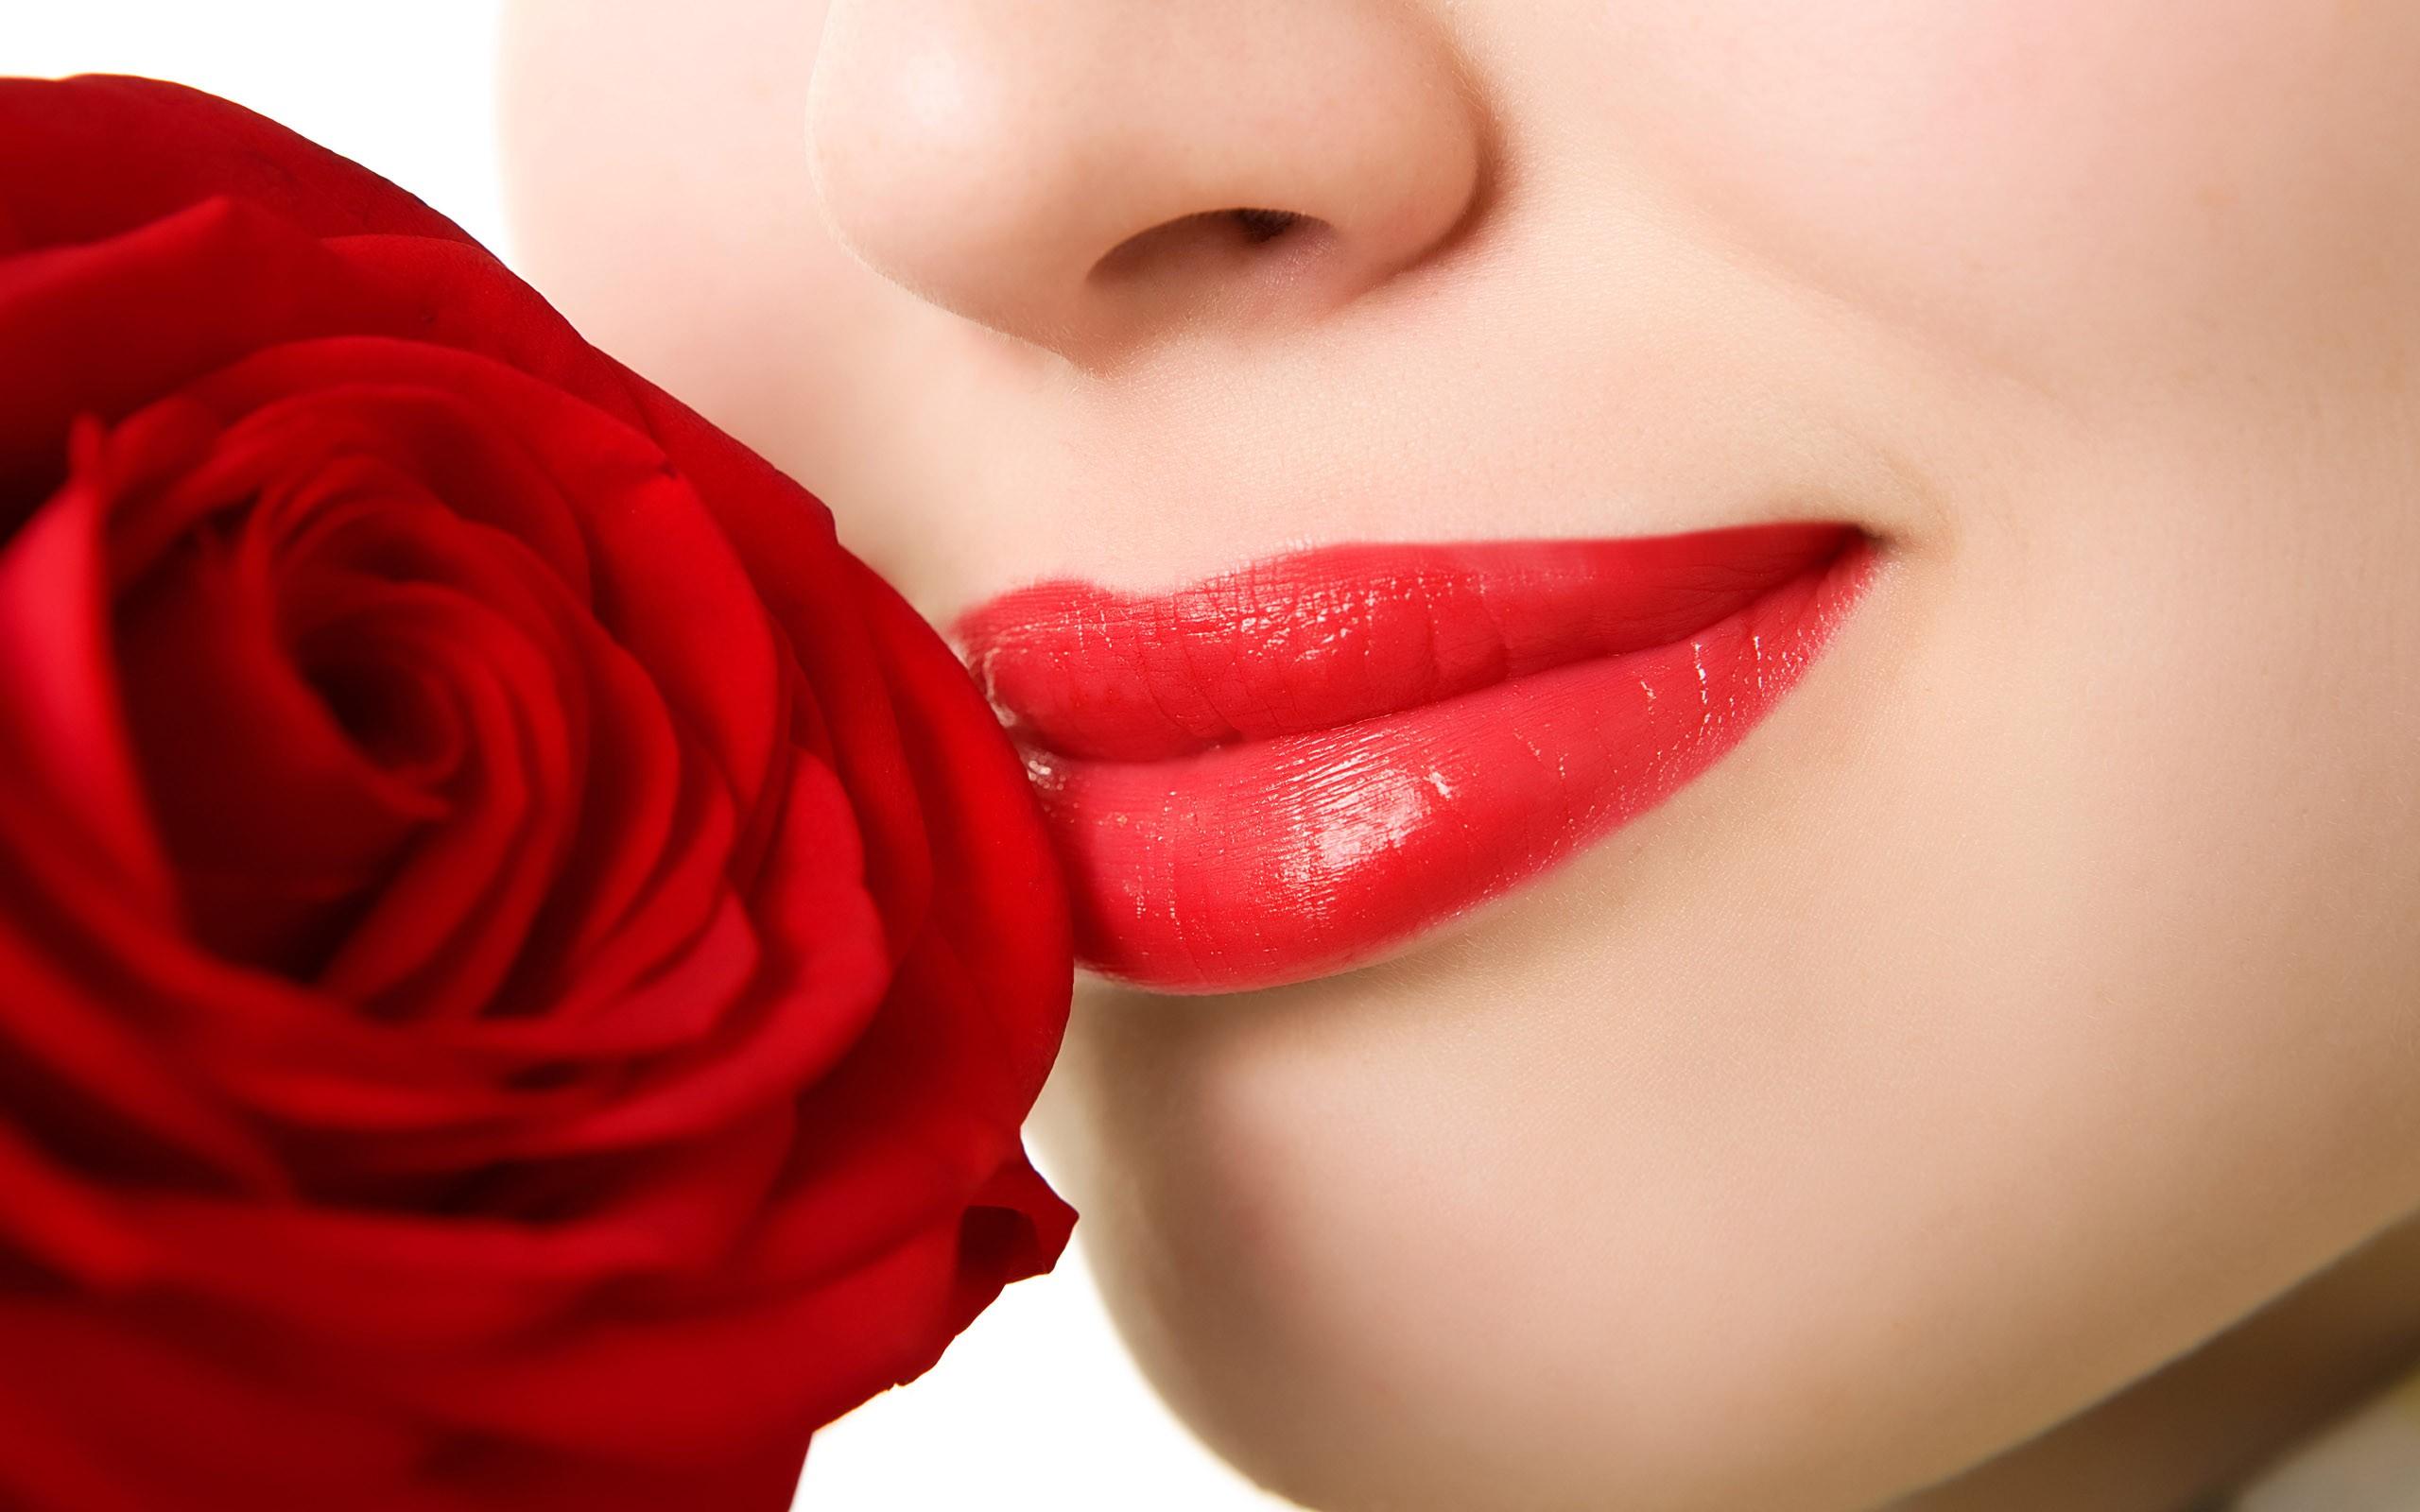 Sonrisa y rosa roja - 2560x1600